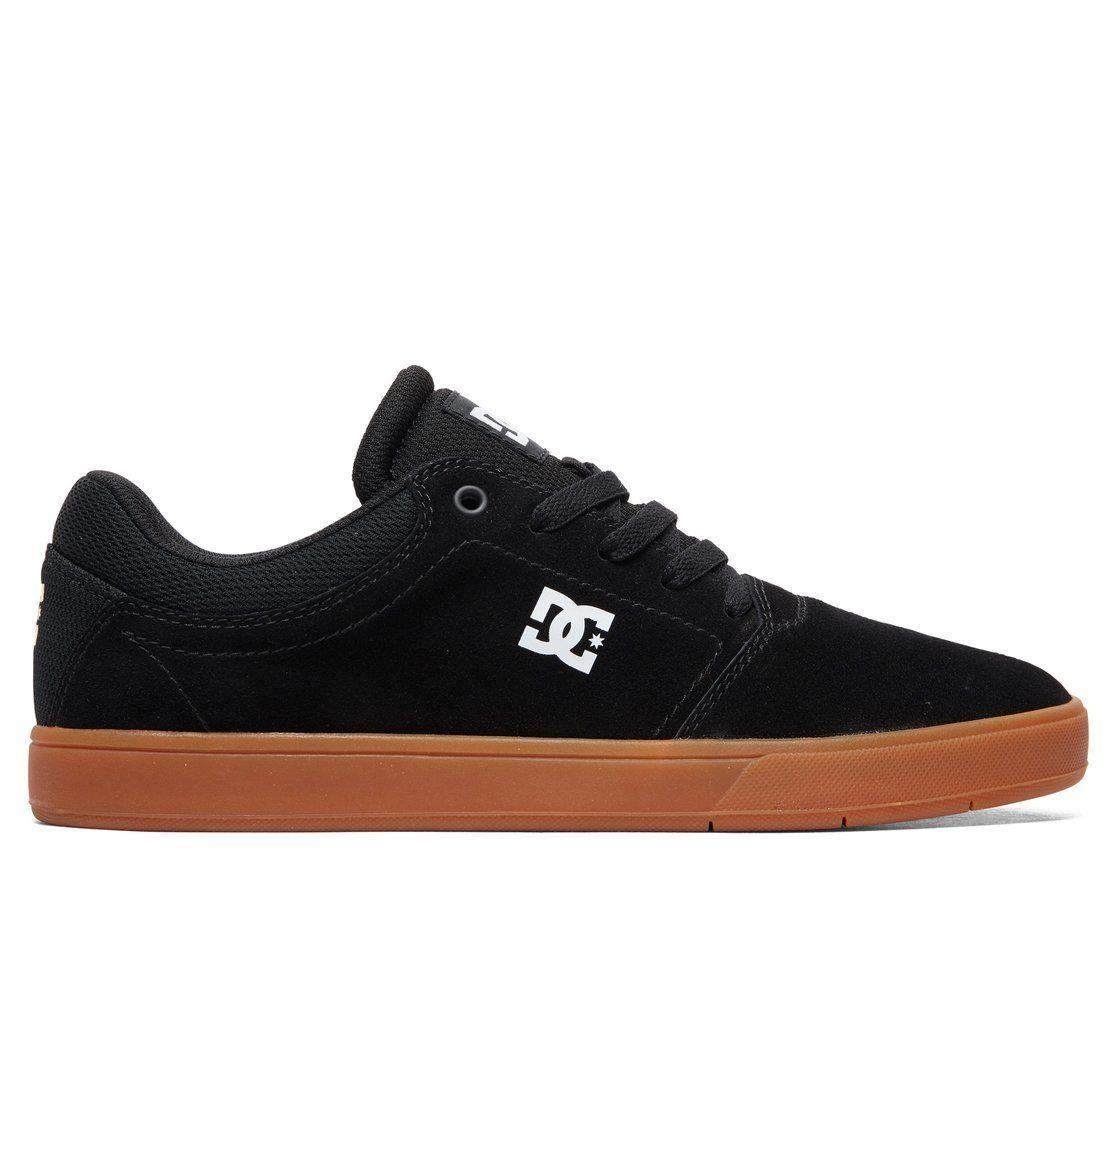 DC Shoes Schuhe Crisis online kaufen  Black#ft5_slash#white#ft5_slash#gum